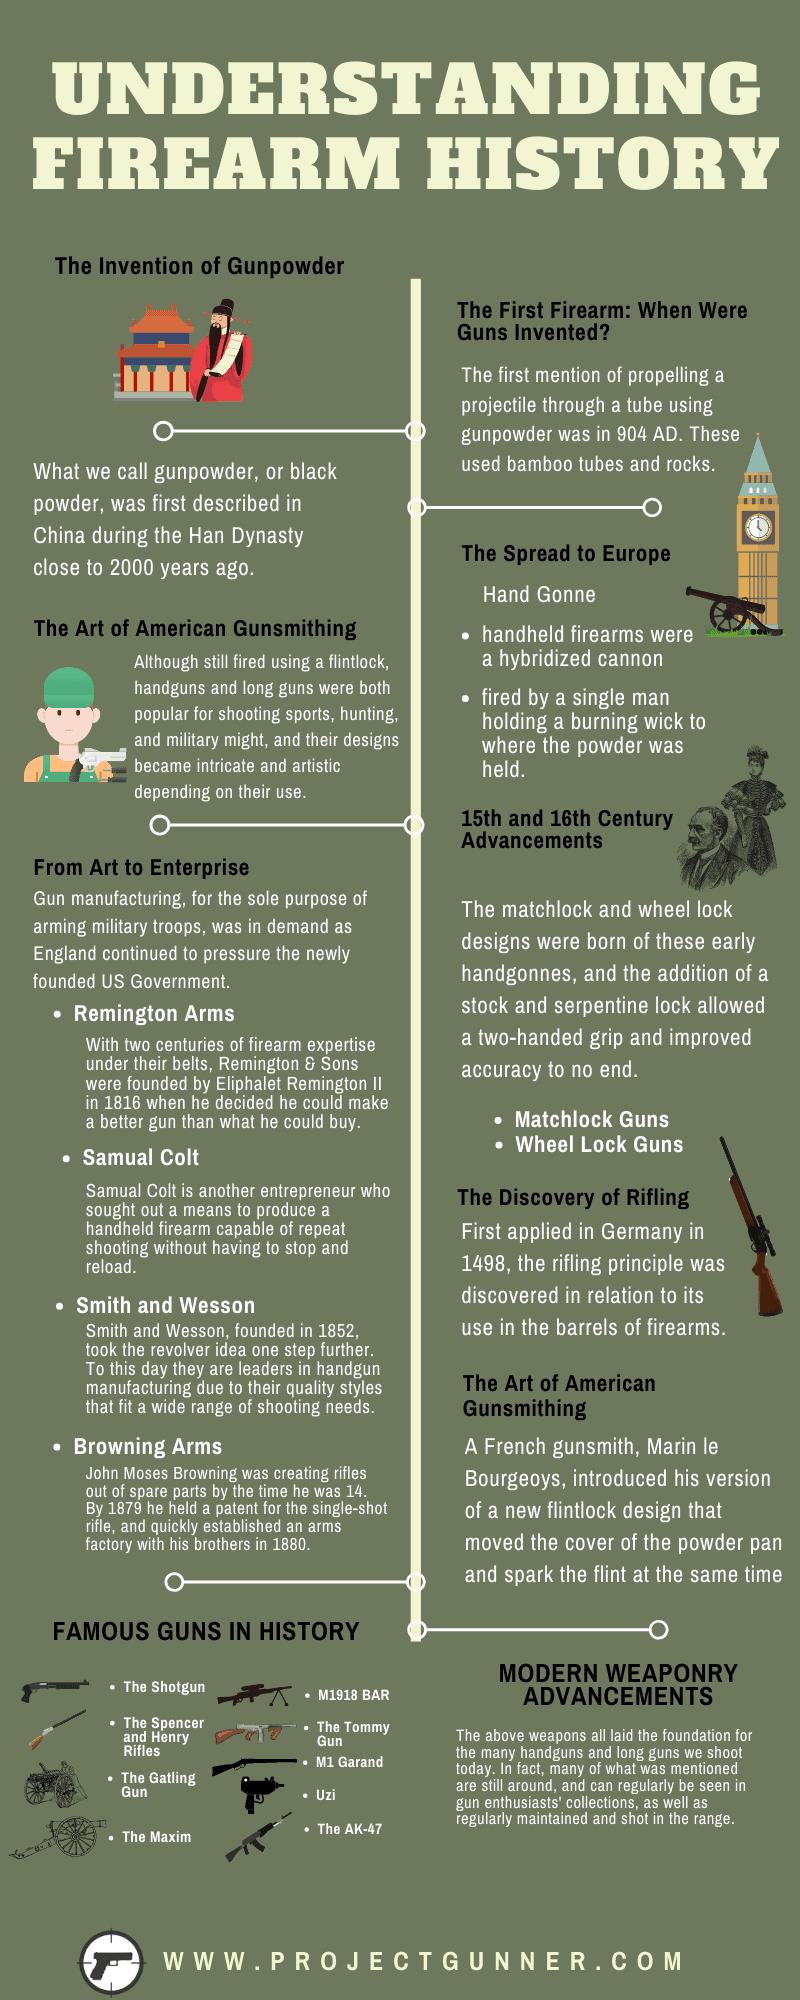 Understanding Firearm History - Infographic